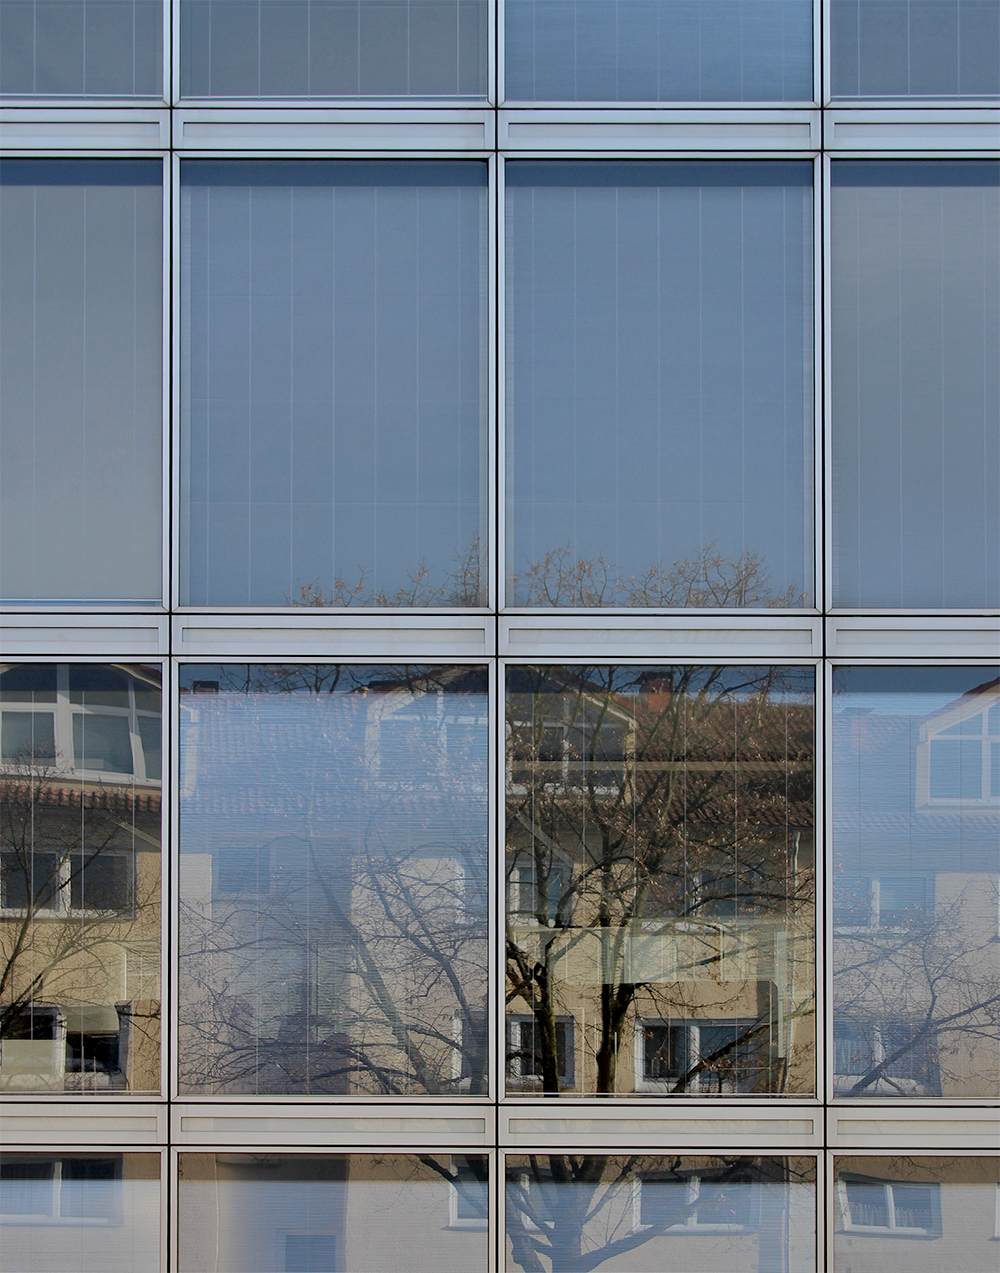 Ansicht Elementfassade mit Lüftungsklappen